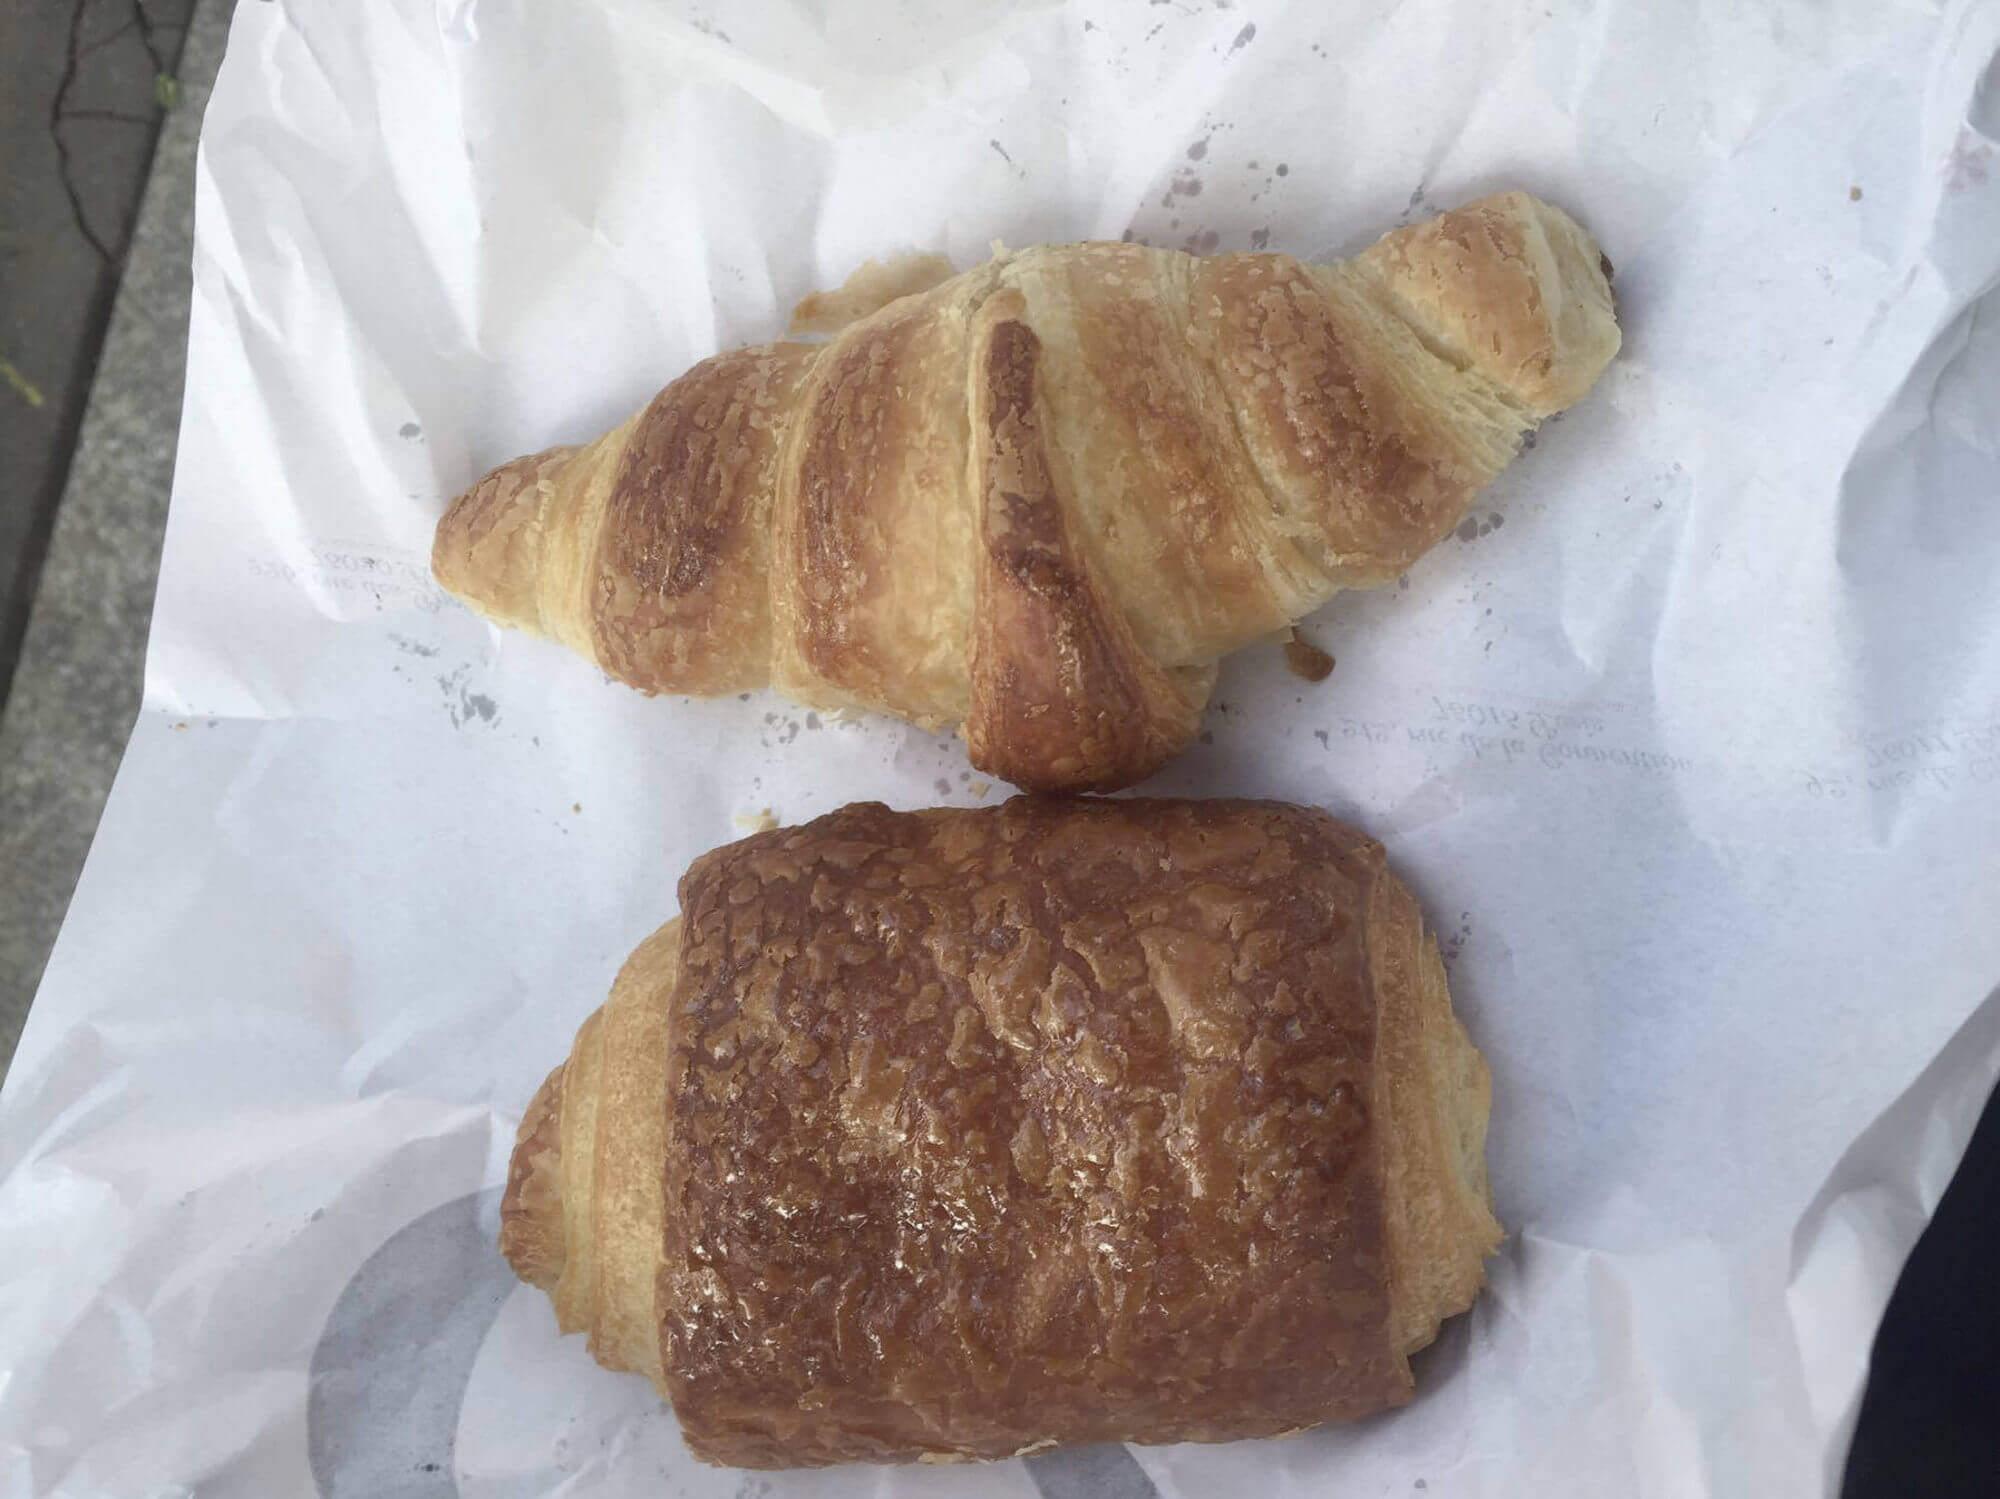 Croissant und Pain au Chocolate auf weißer Bäcker-Tüte